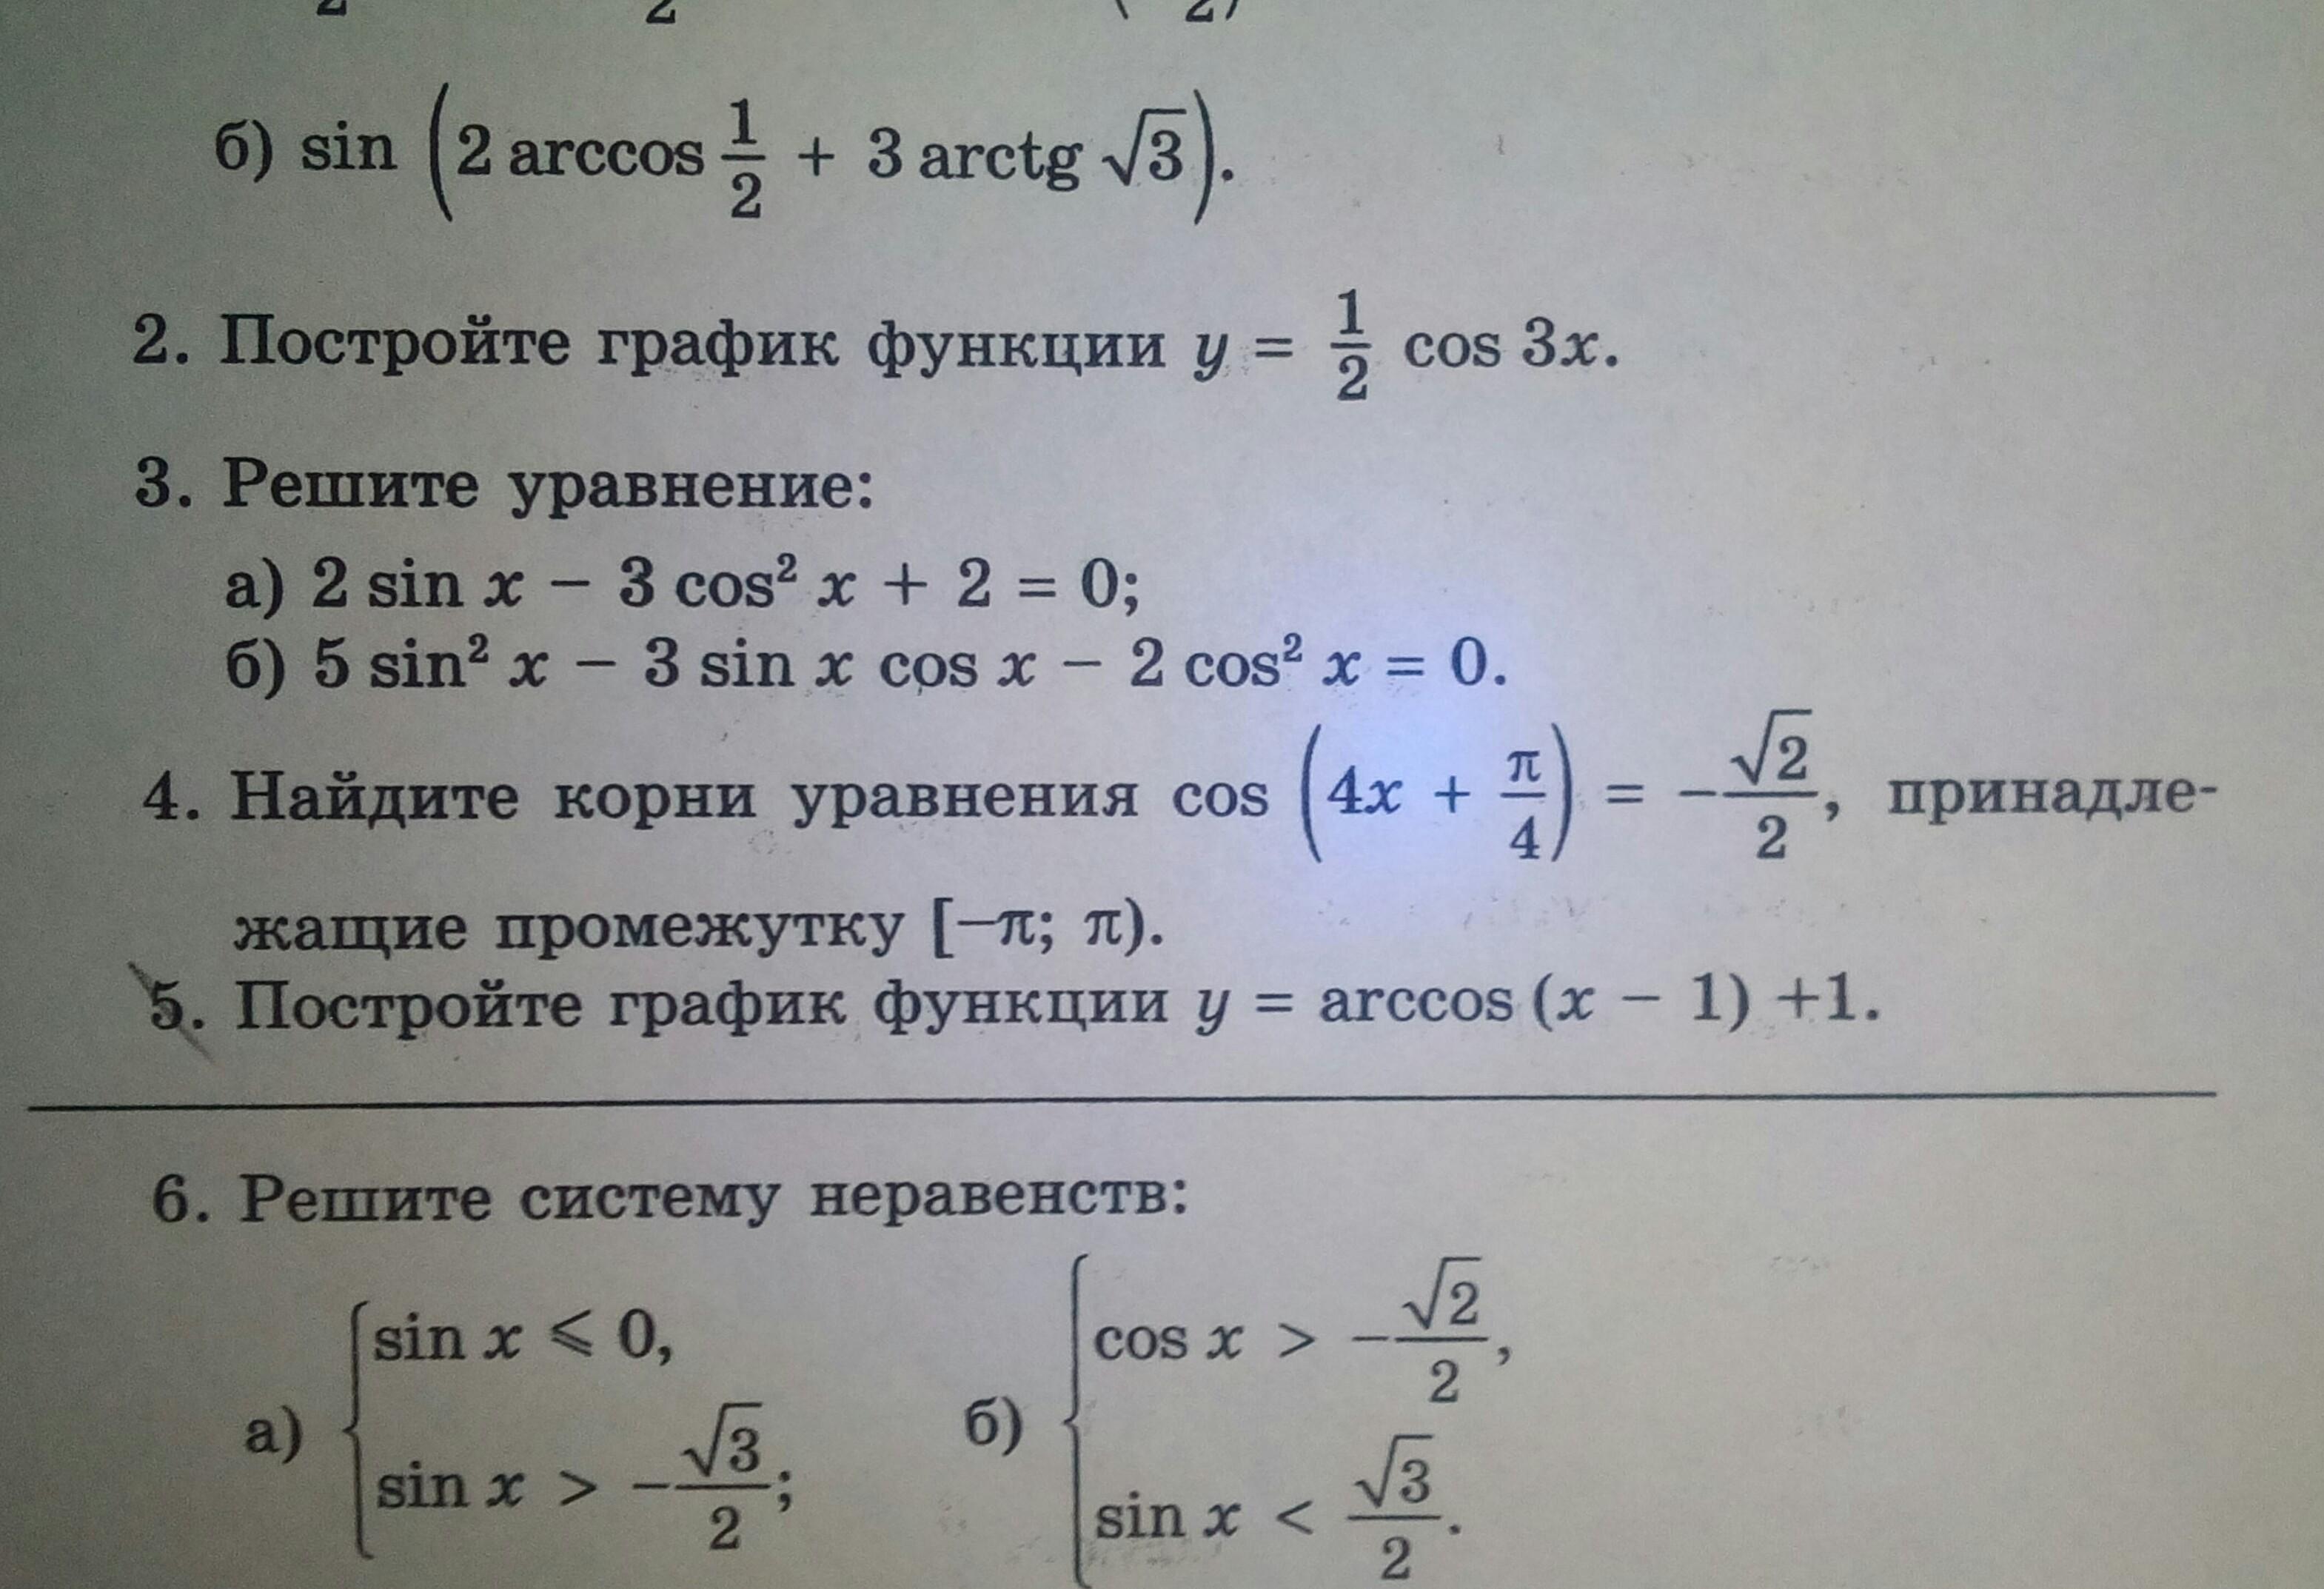 Помогите пожалуйста решить 4 задание?